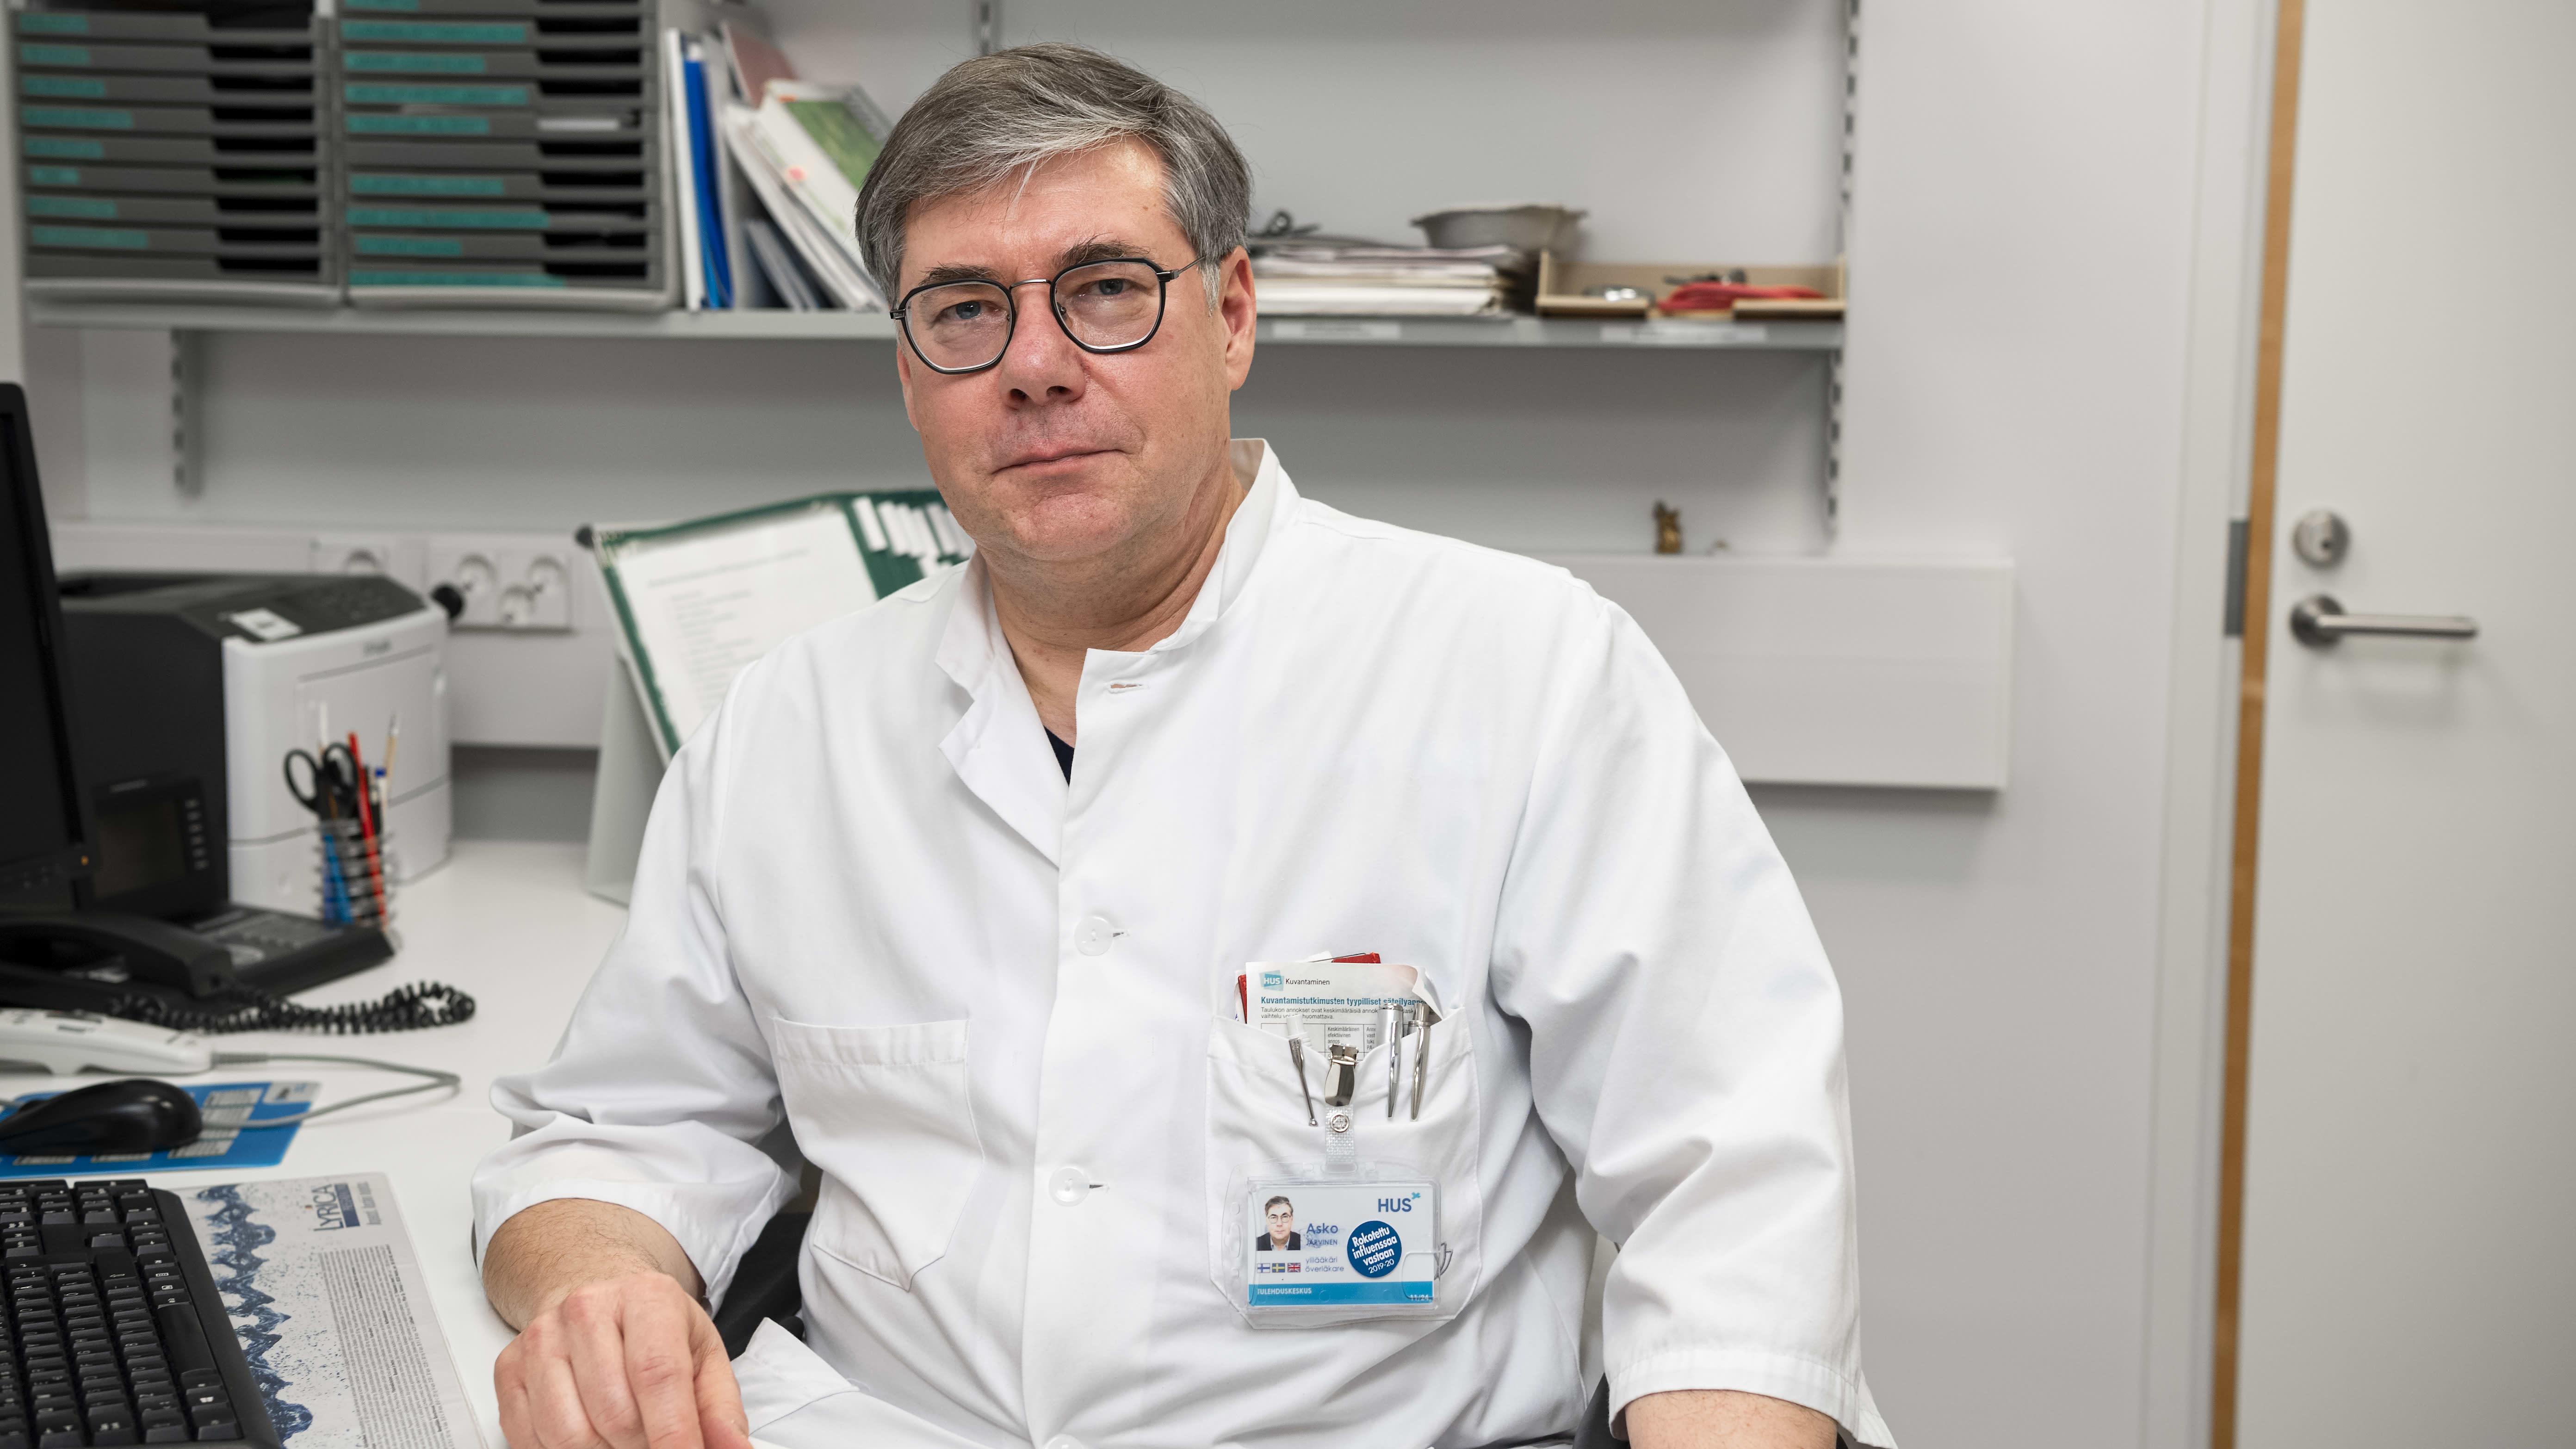 Asko Järvinen sitter inne på sitt arbetskontor iklädd läkarjacka.